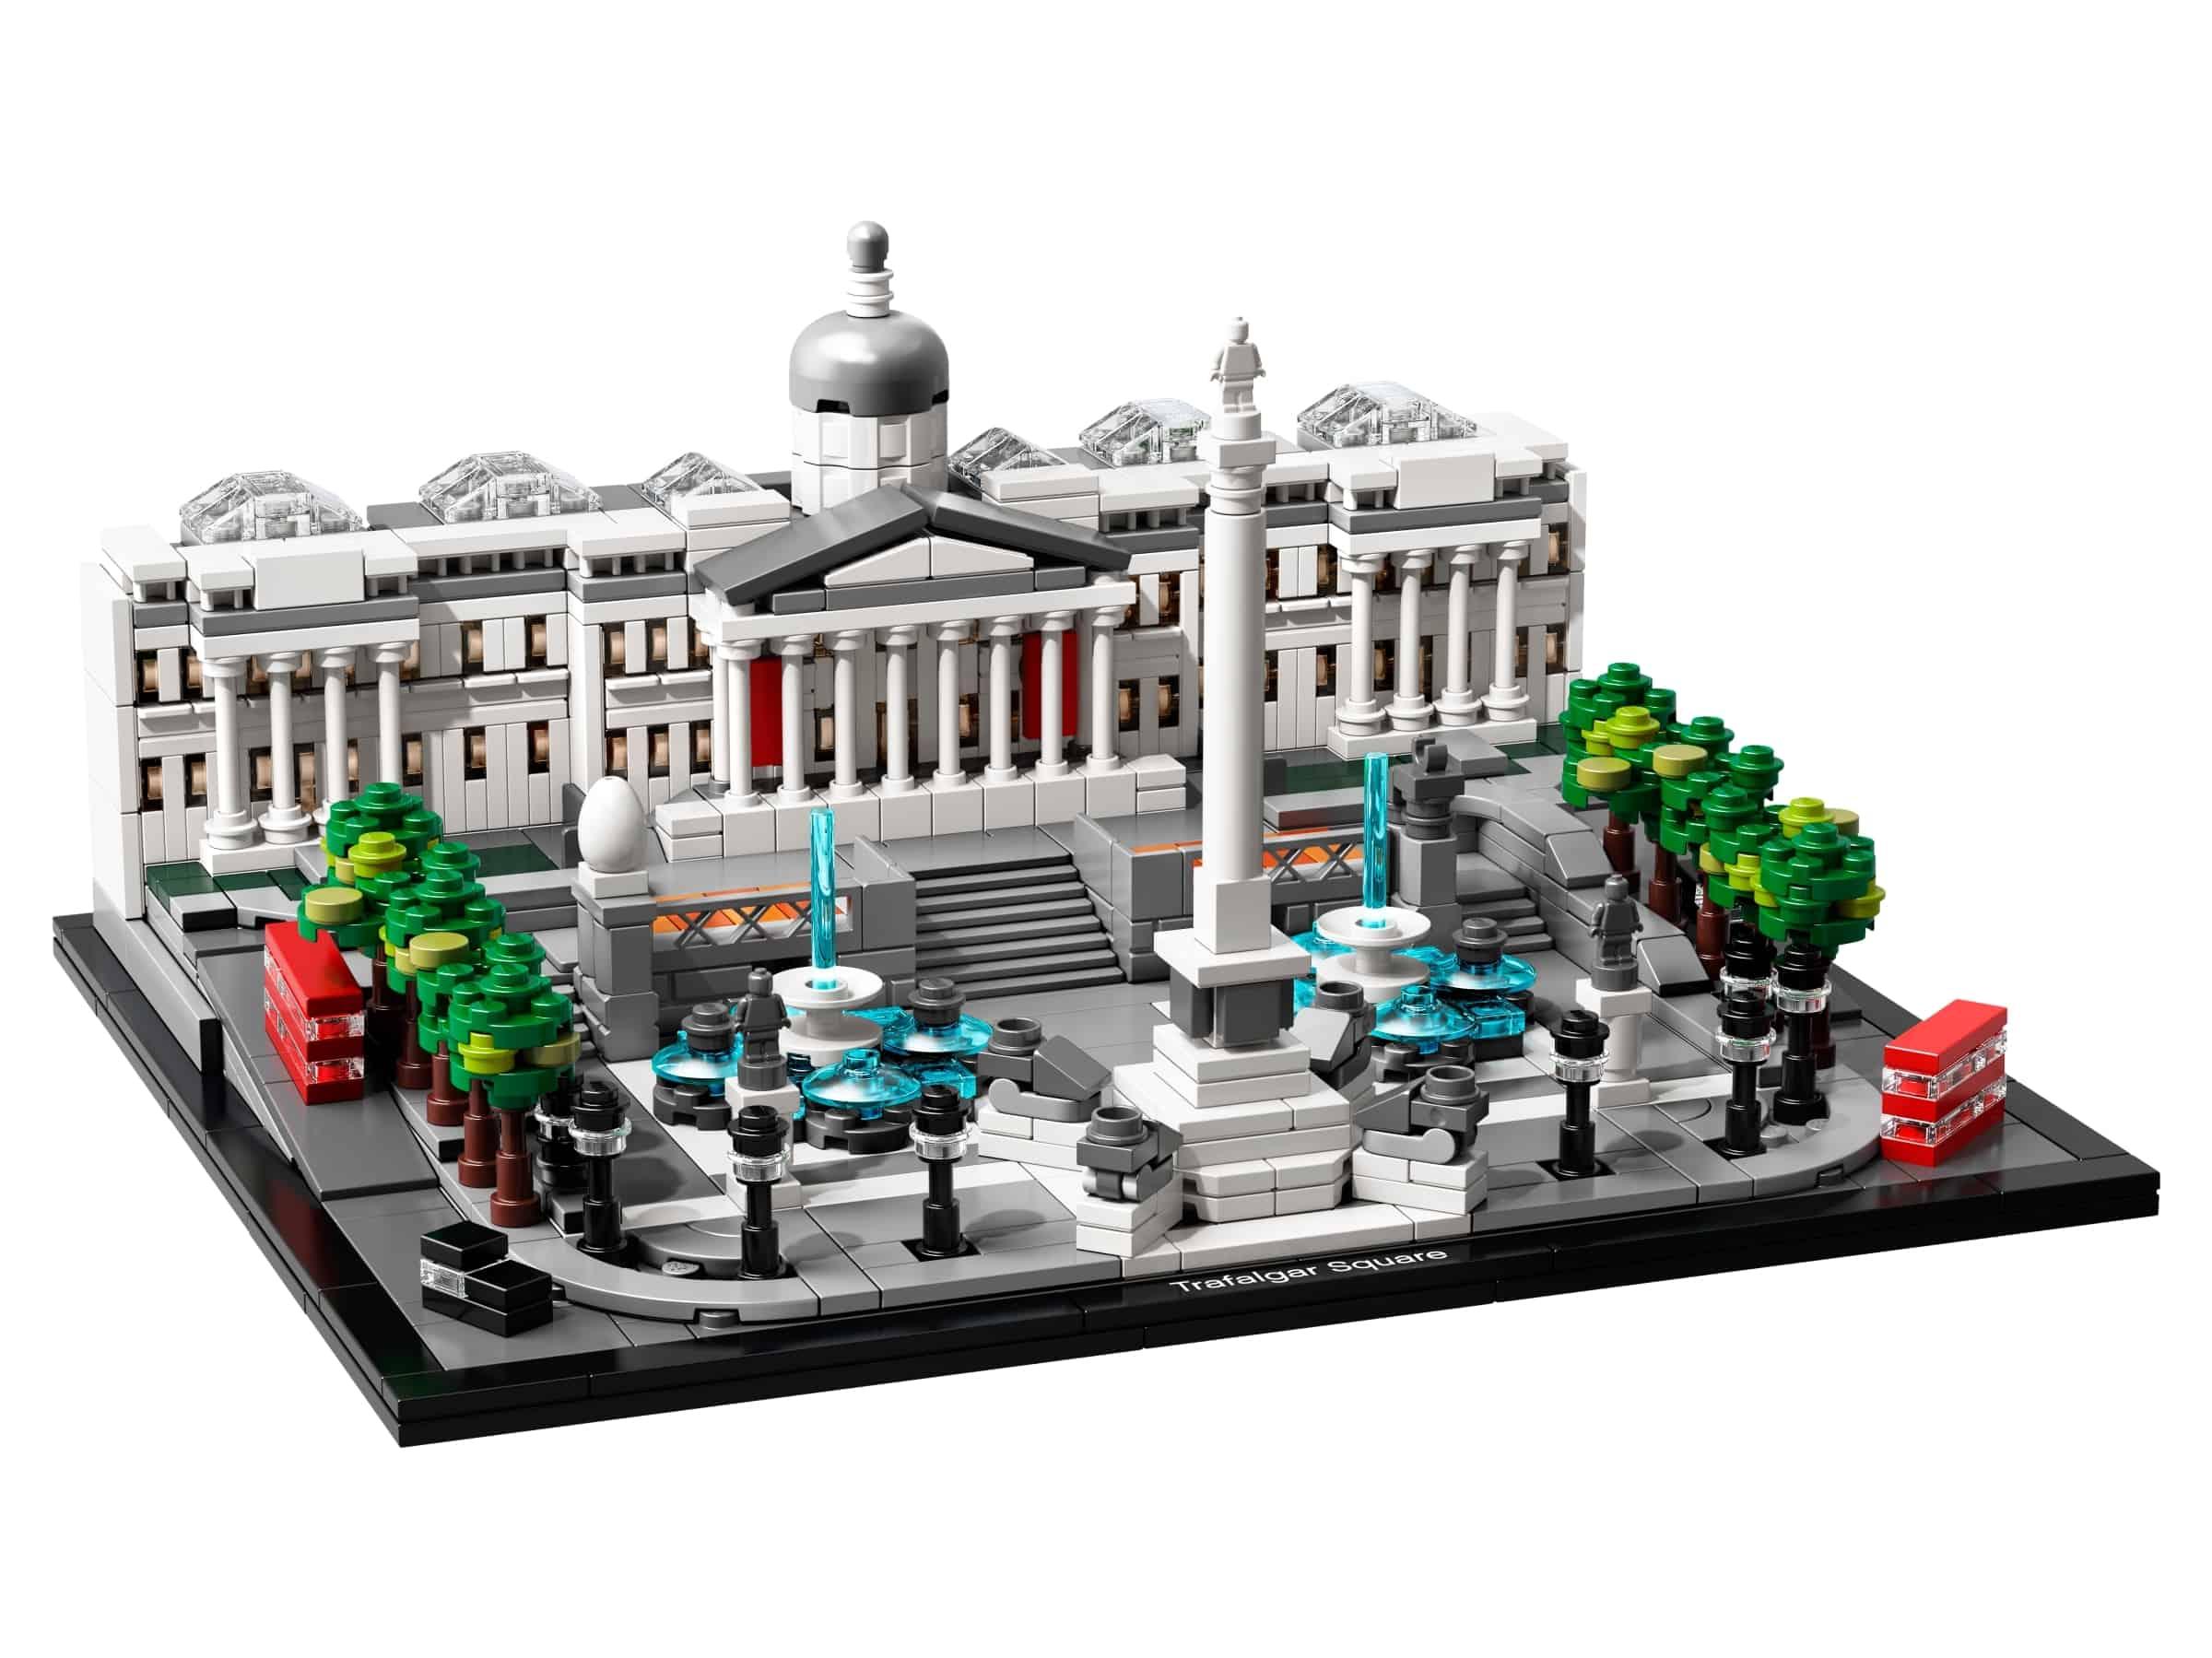 lego trafalgar square 21045